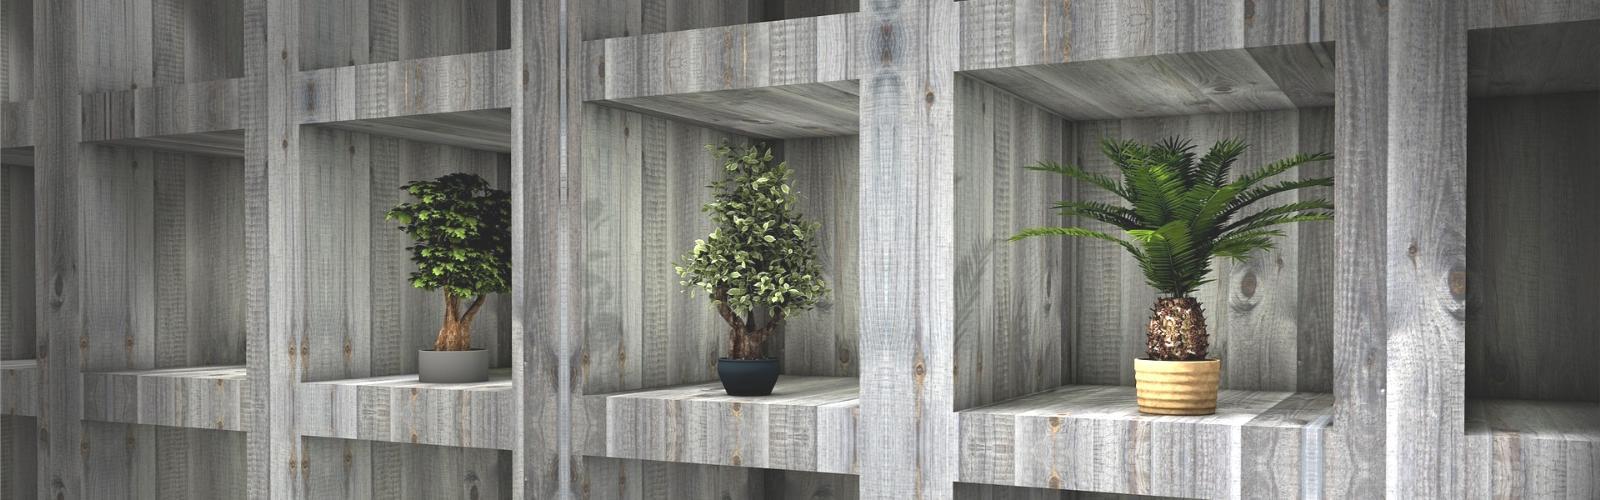 plants in their niche